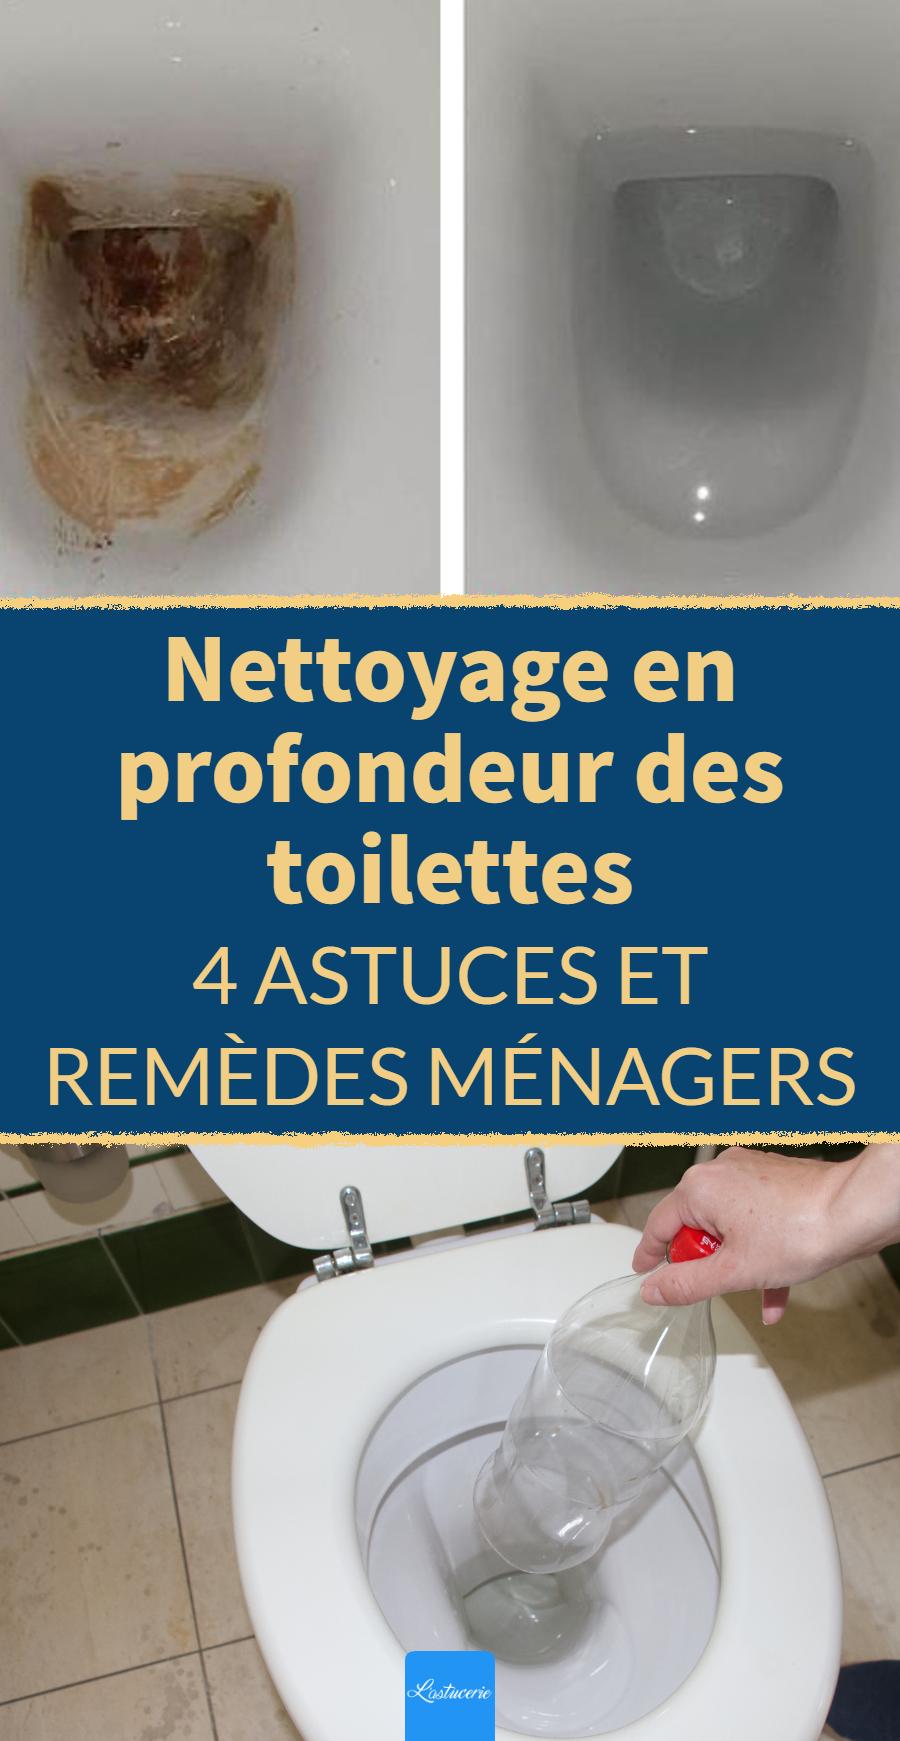 Nettoyage en profondeur des toilettes : 4 astuces pour les zones à problèmes